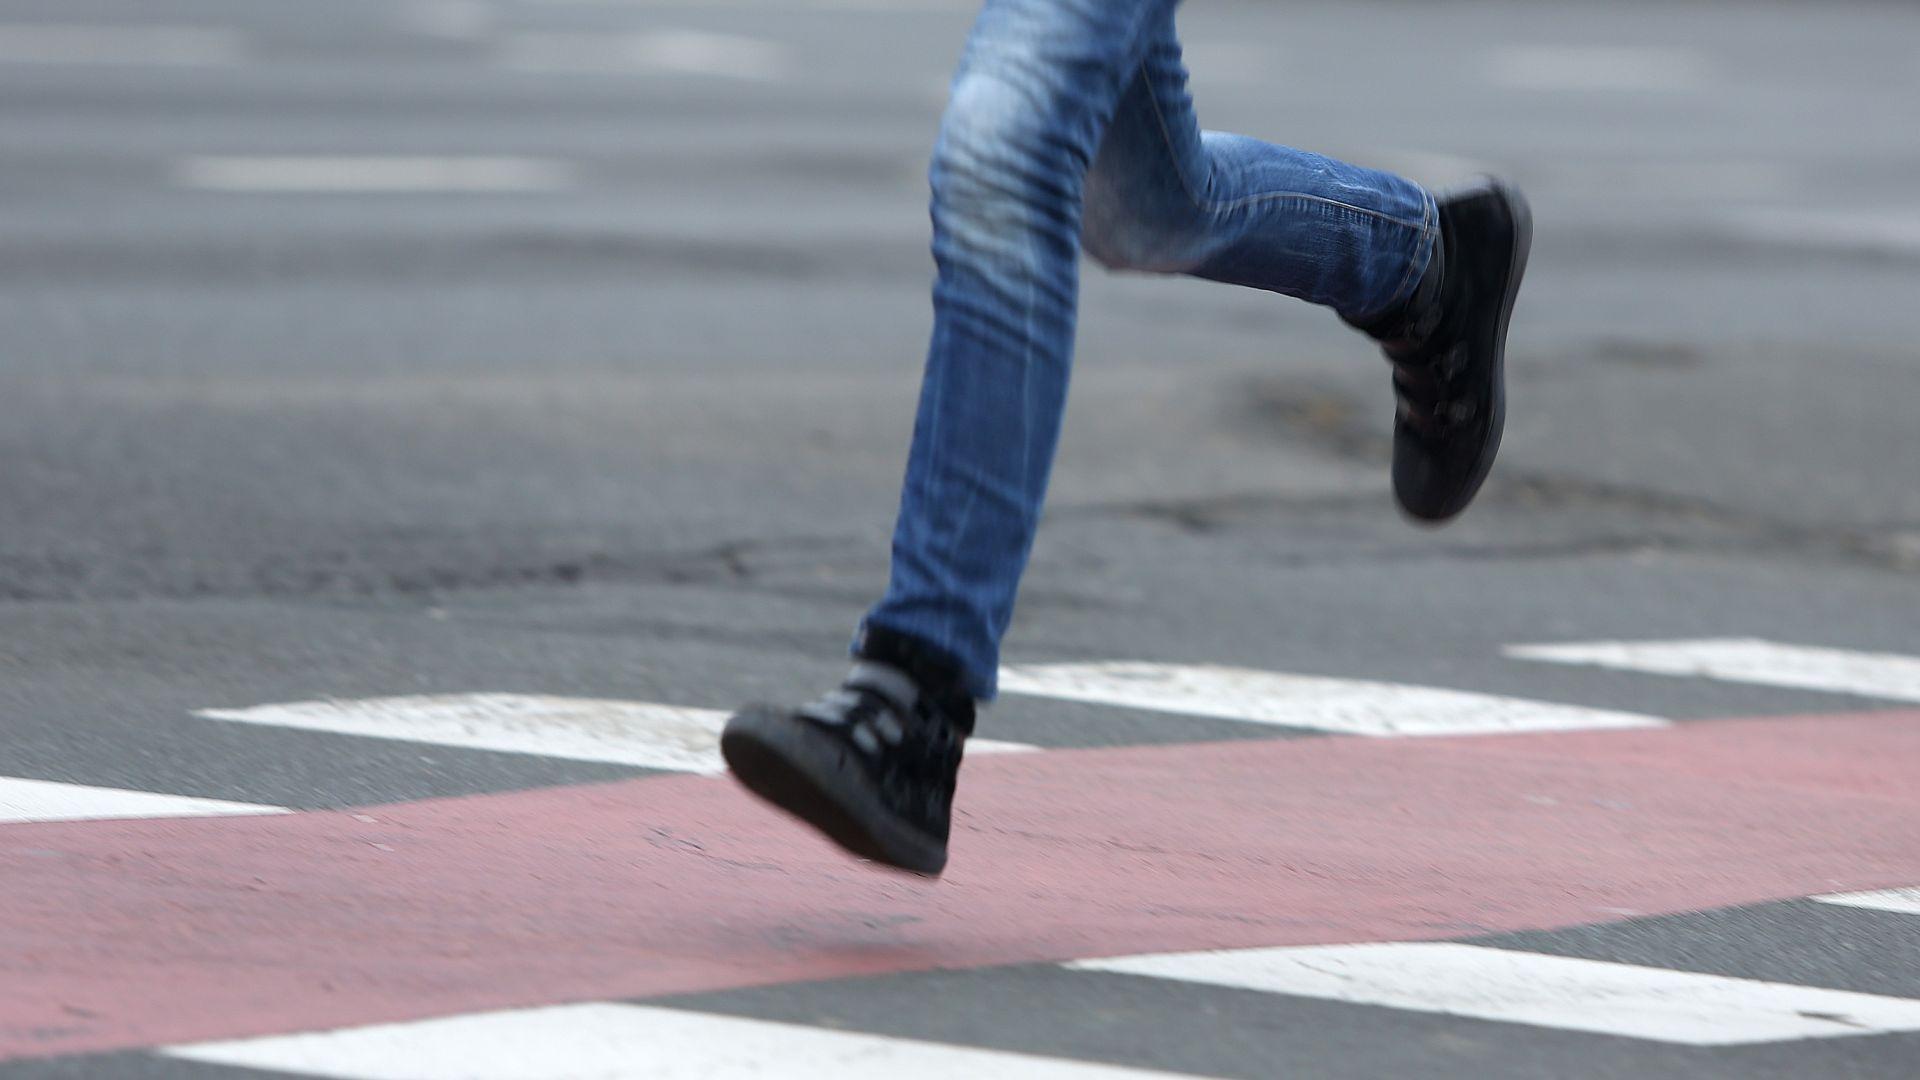 POČINJE NOVA ŠKOLSKA GODINA Hrvatski autoklub podsjetio na prometna pravila